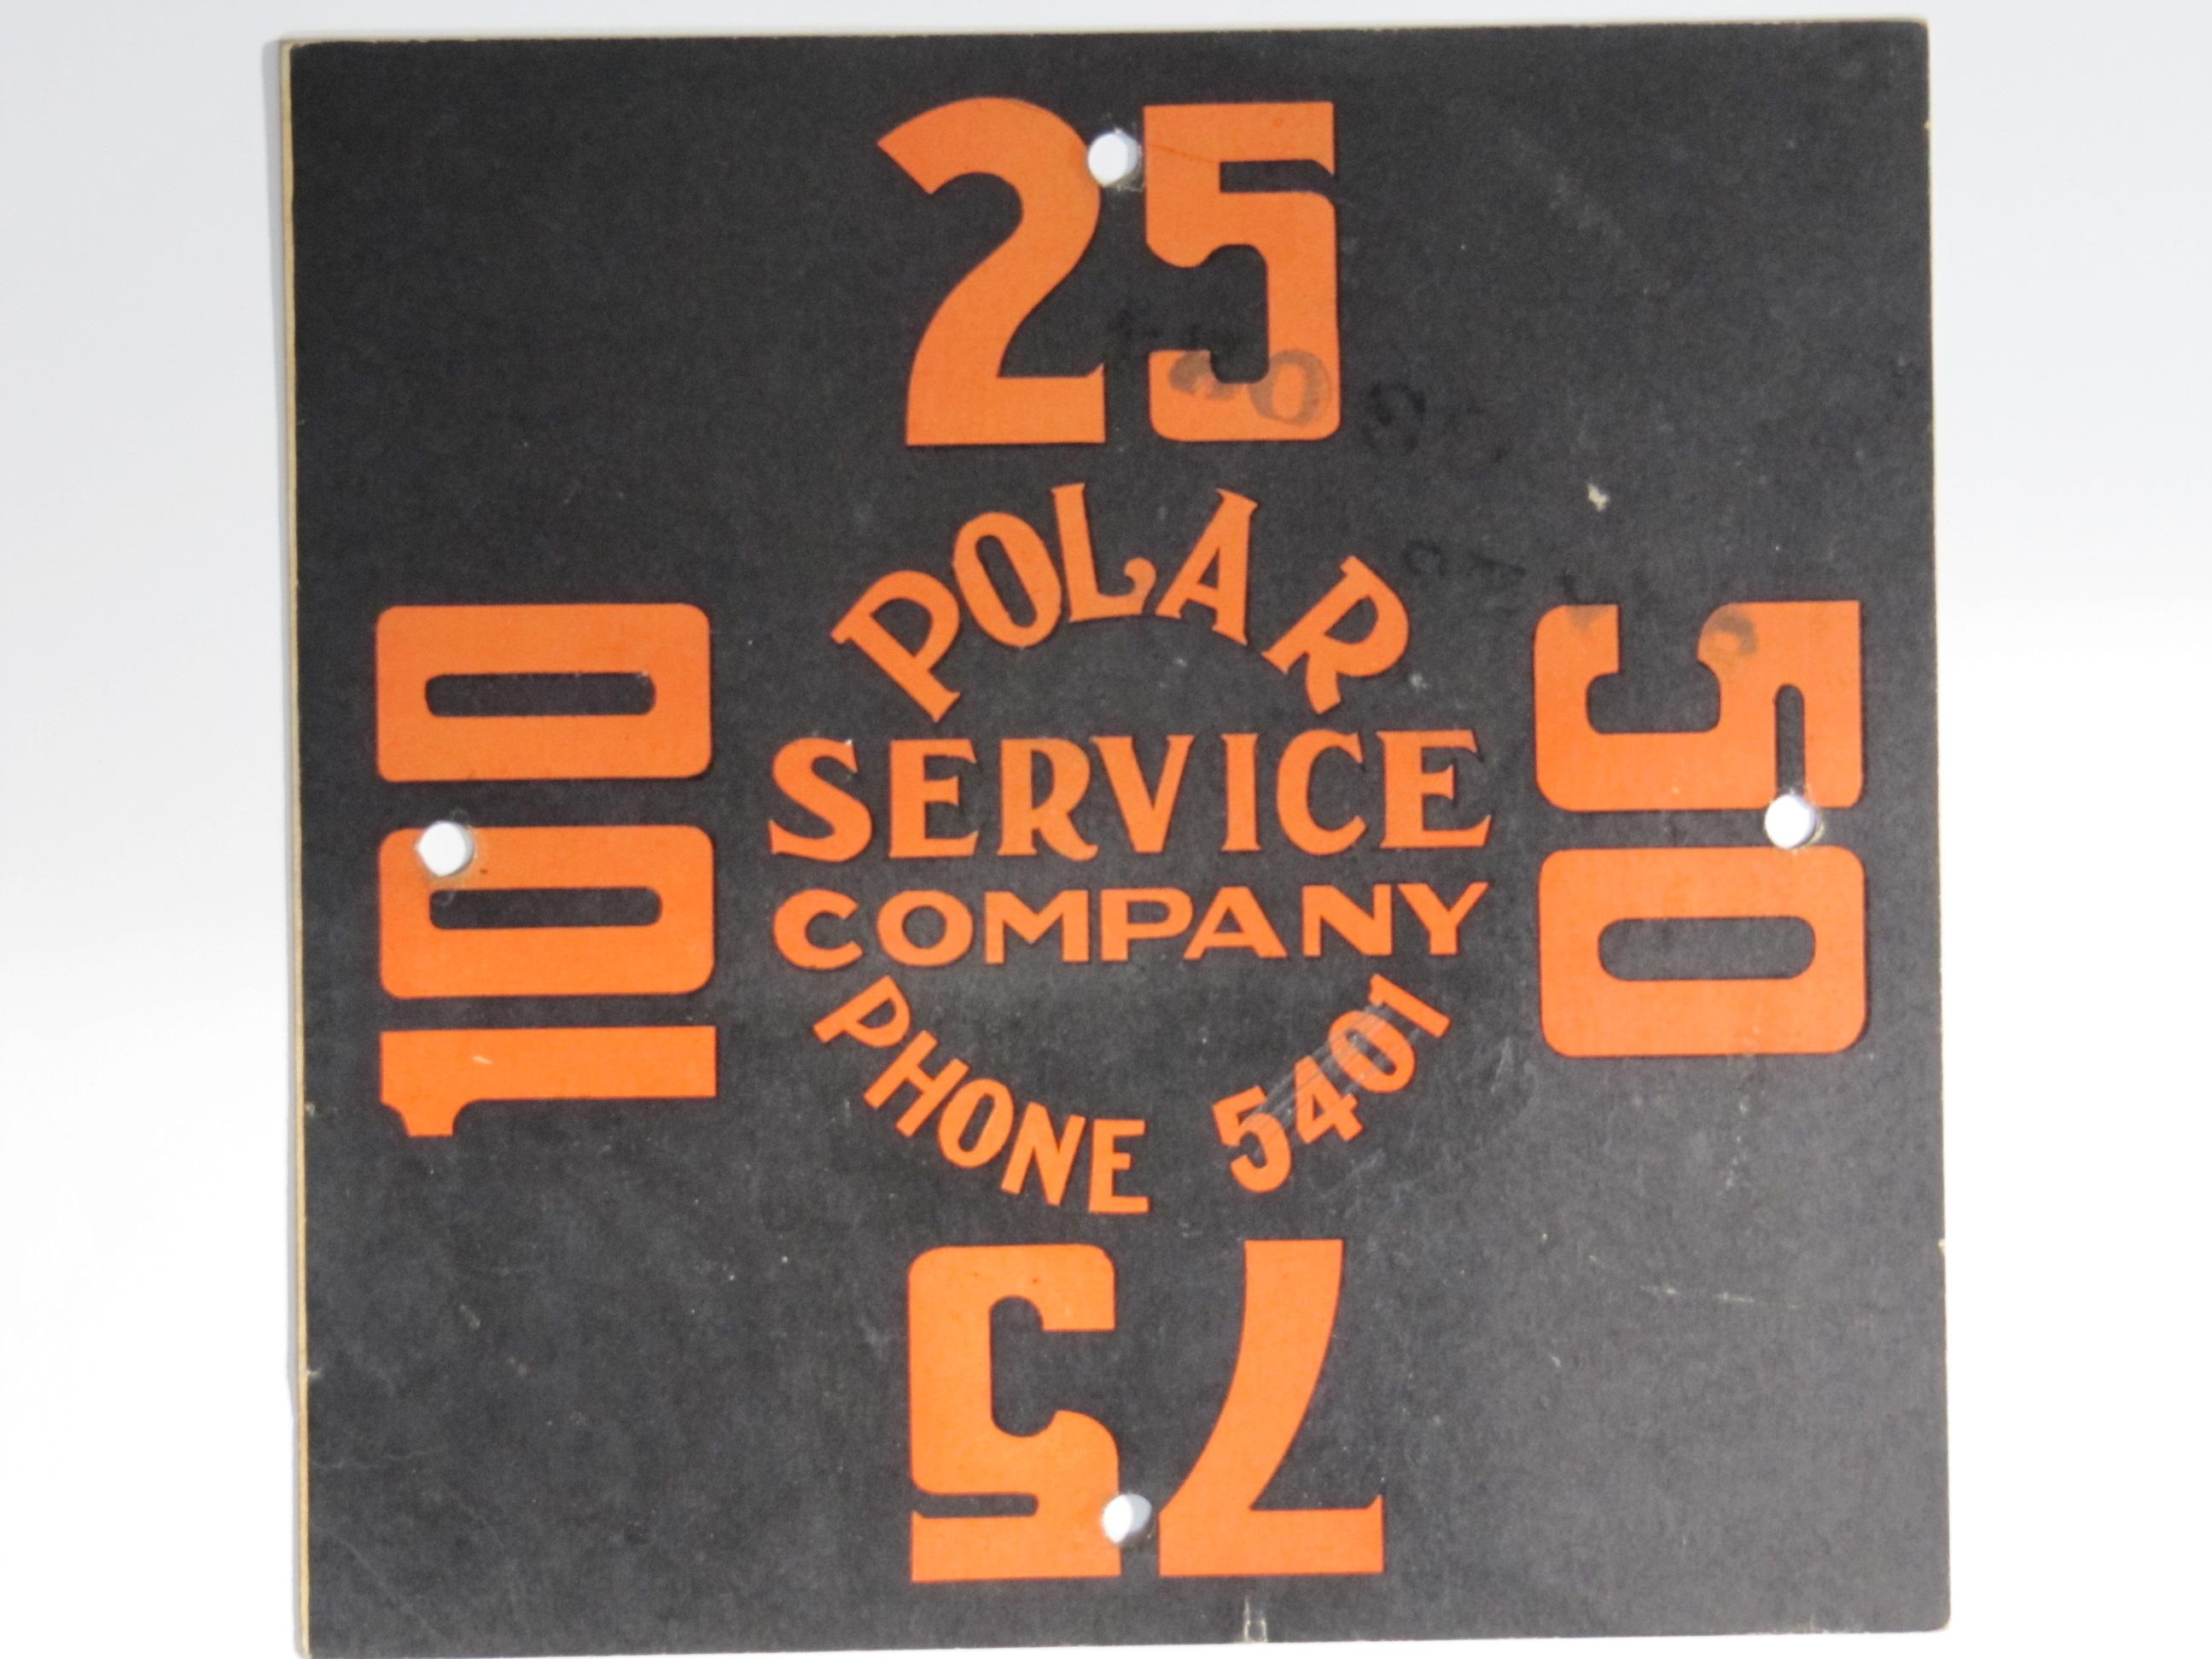 Polar Service